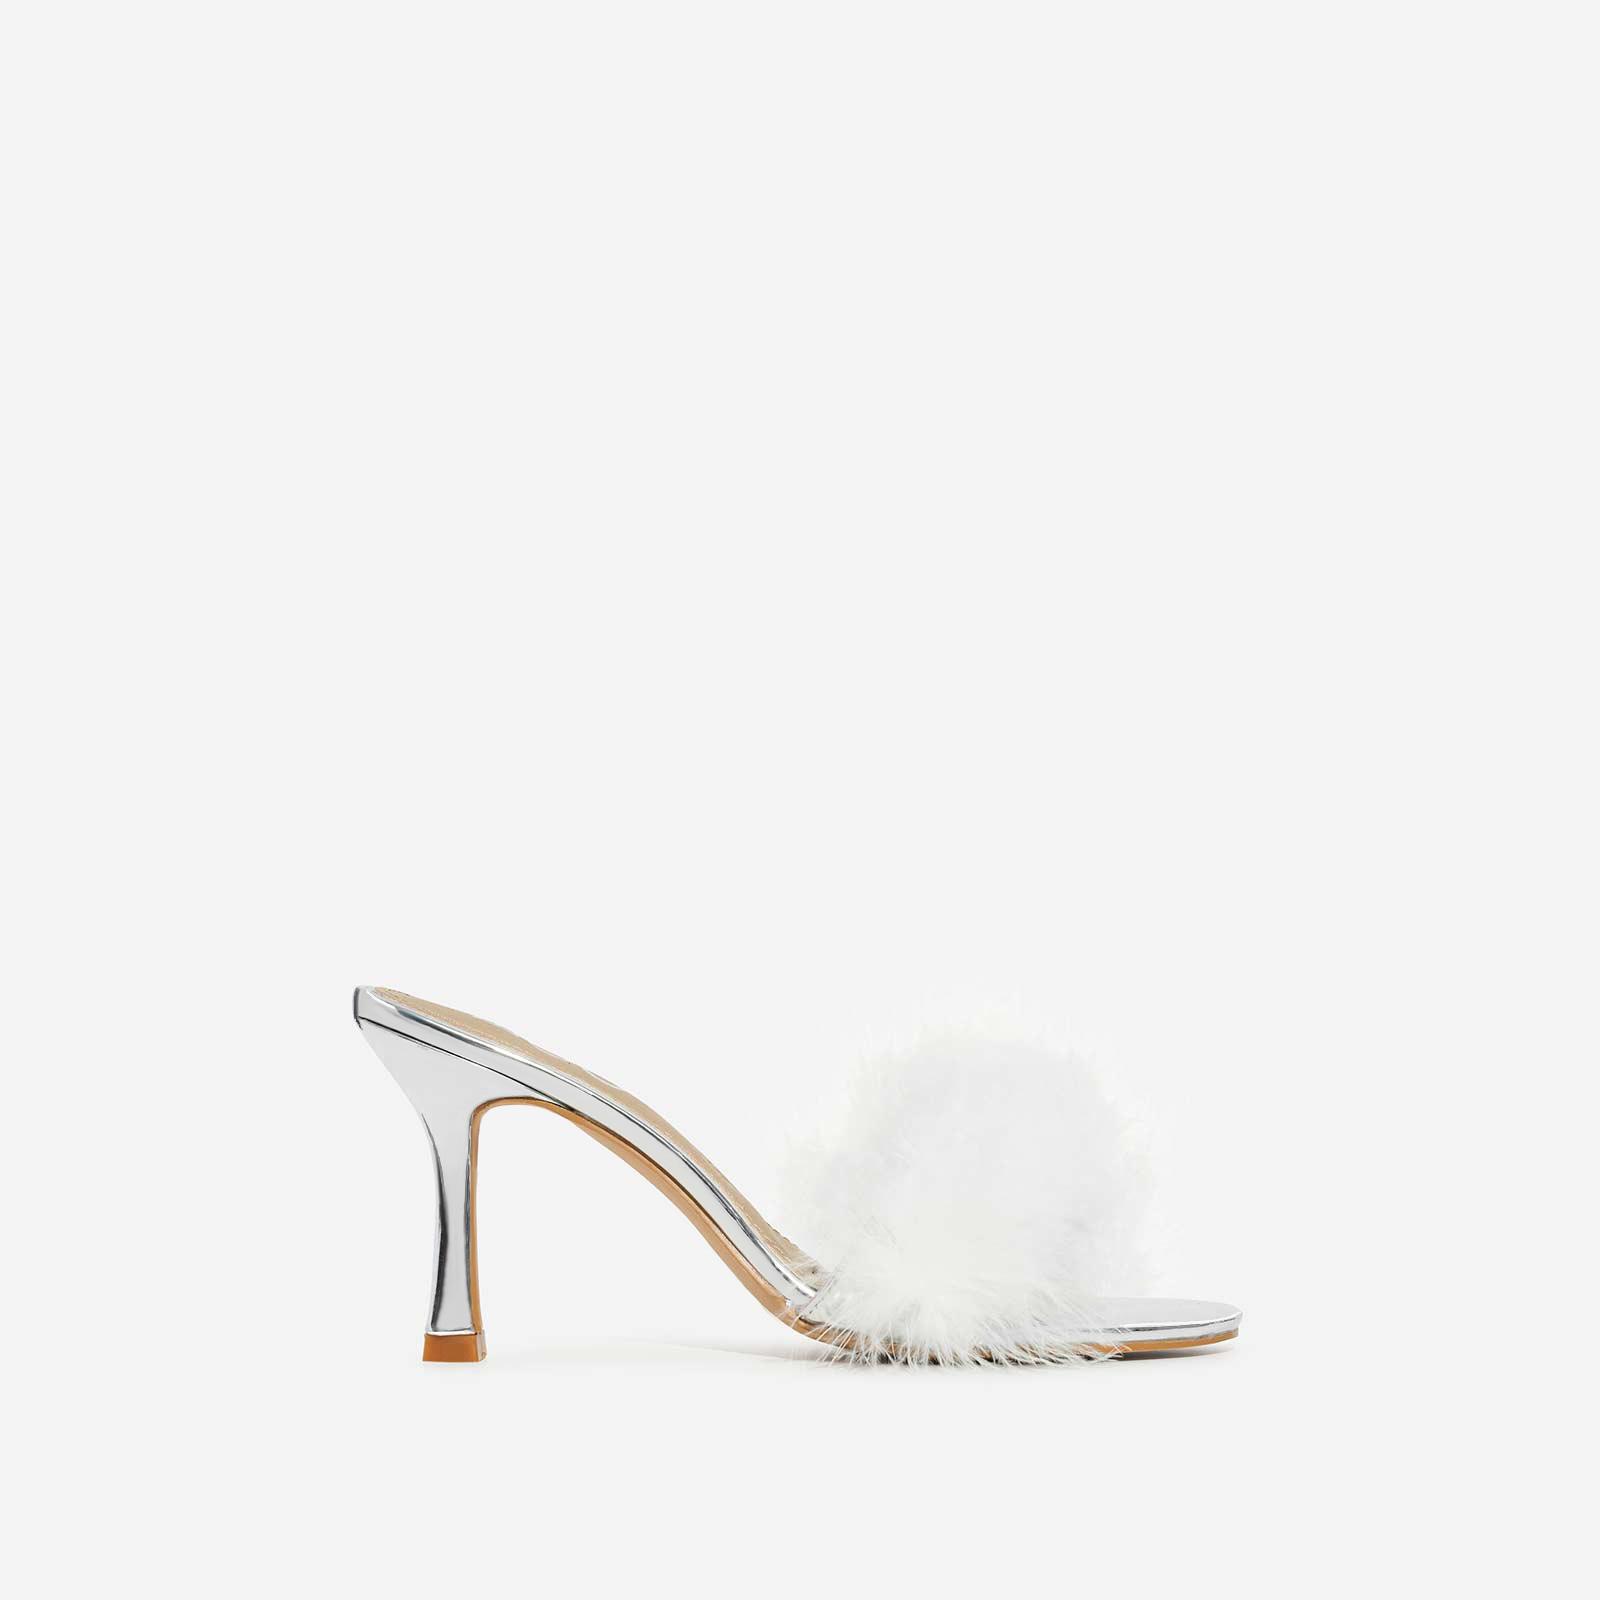 Fairydust Faux Feather Peep Toe Kitten Heel Mule In Silver Patent